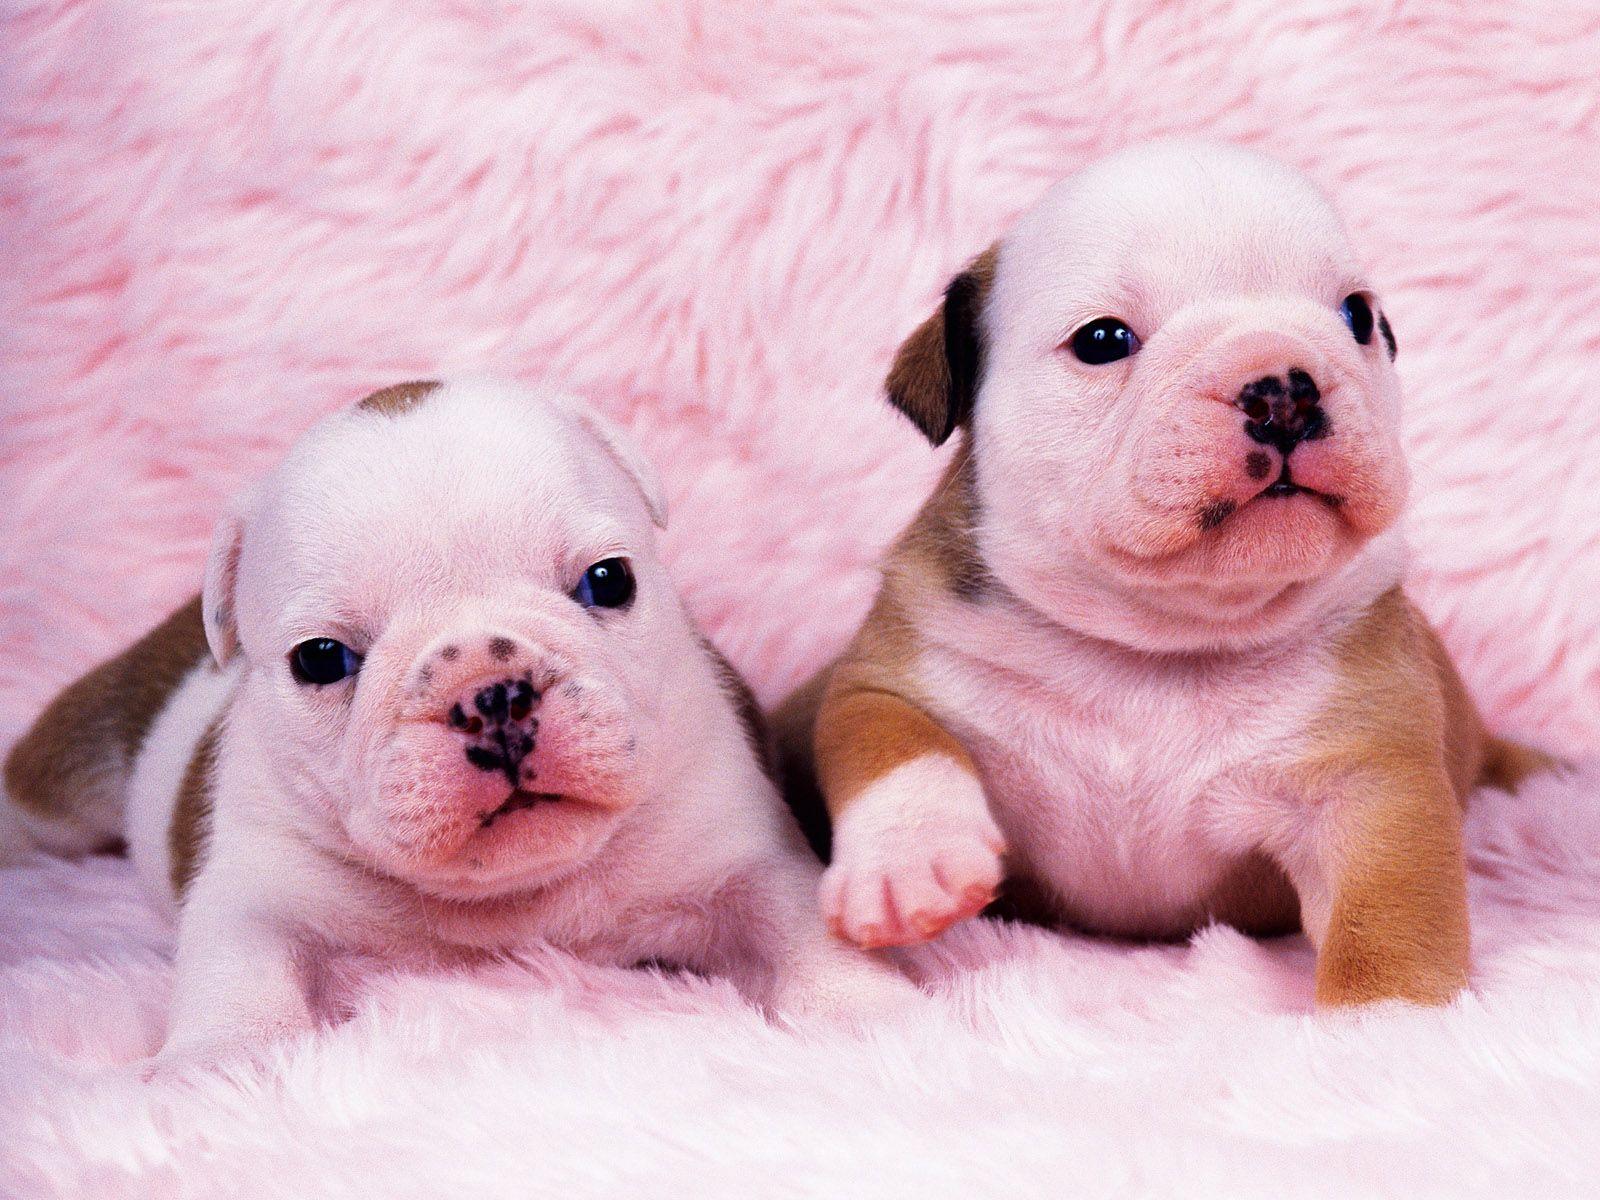 белые собаки щенки животные розовый фон  № 2918161 бесплатно